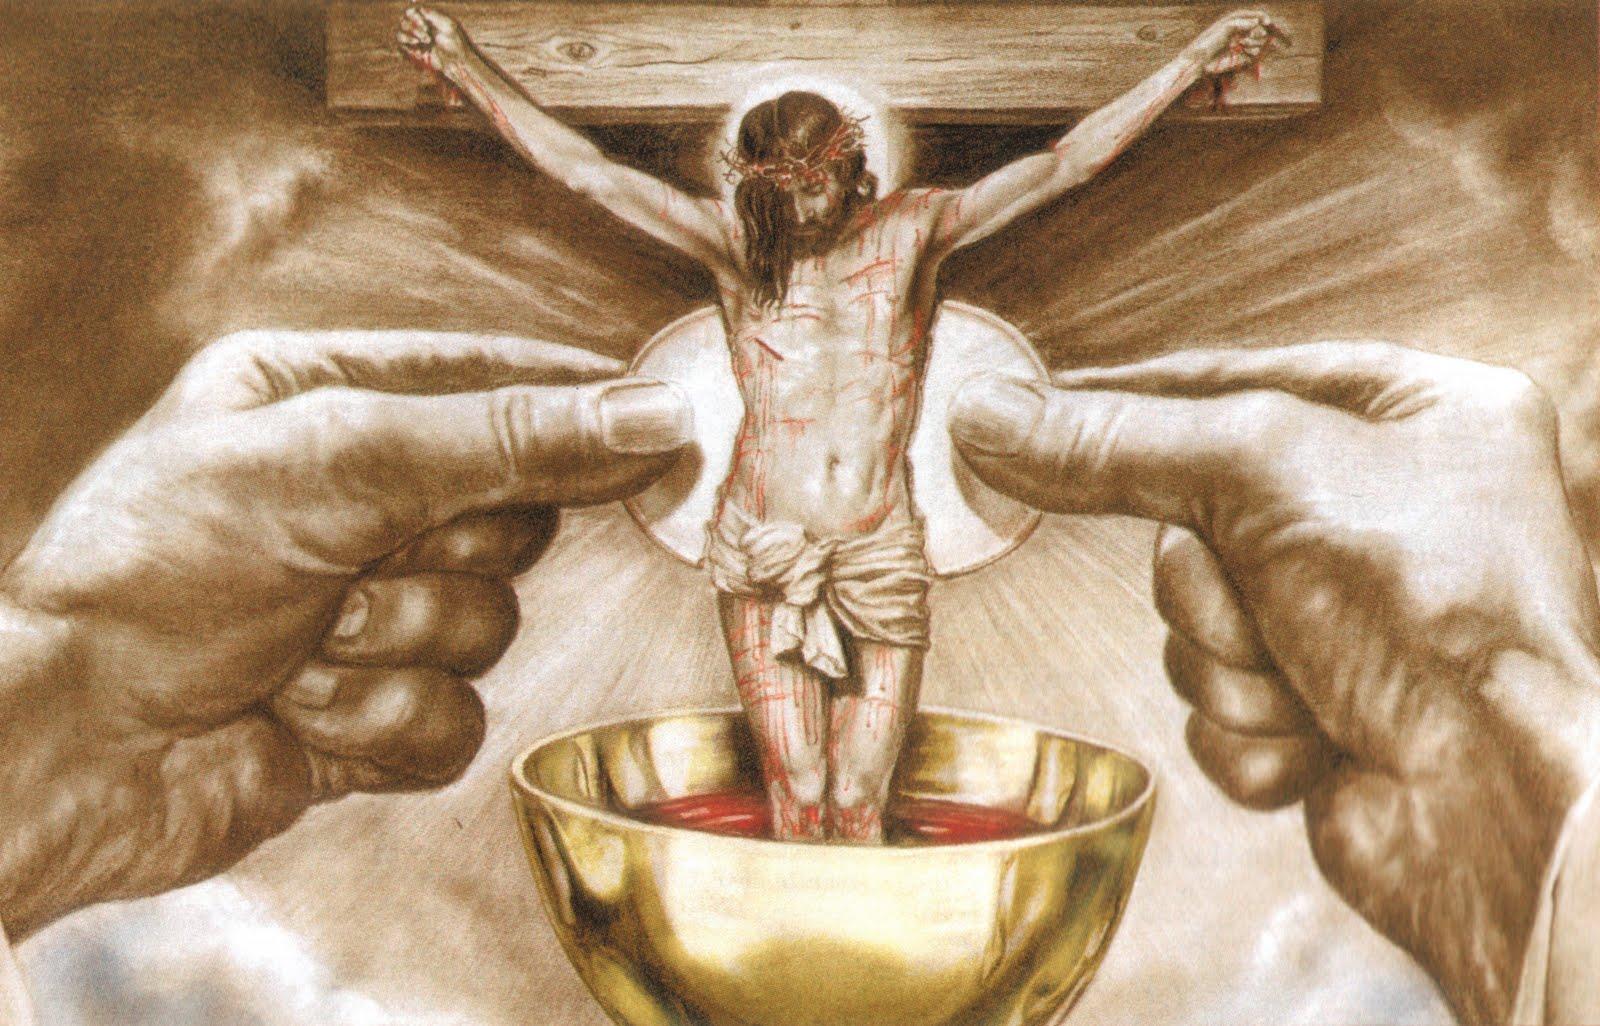 eucaristia-hostia-cristo